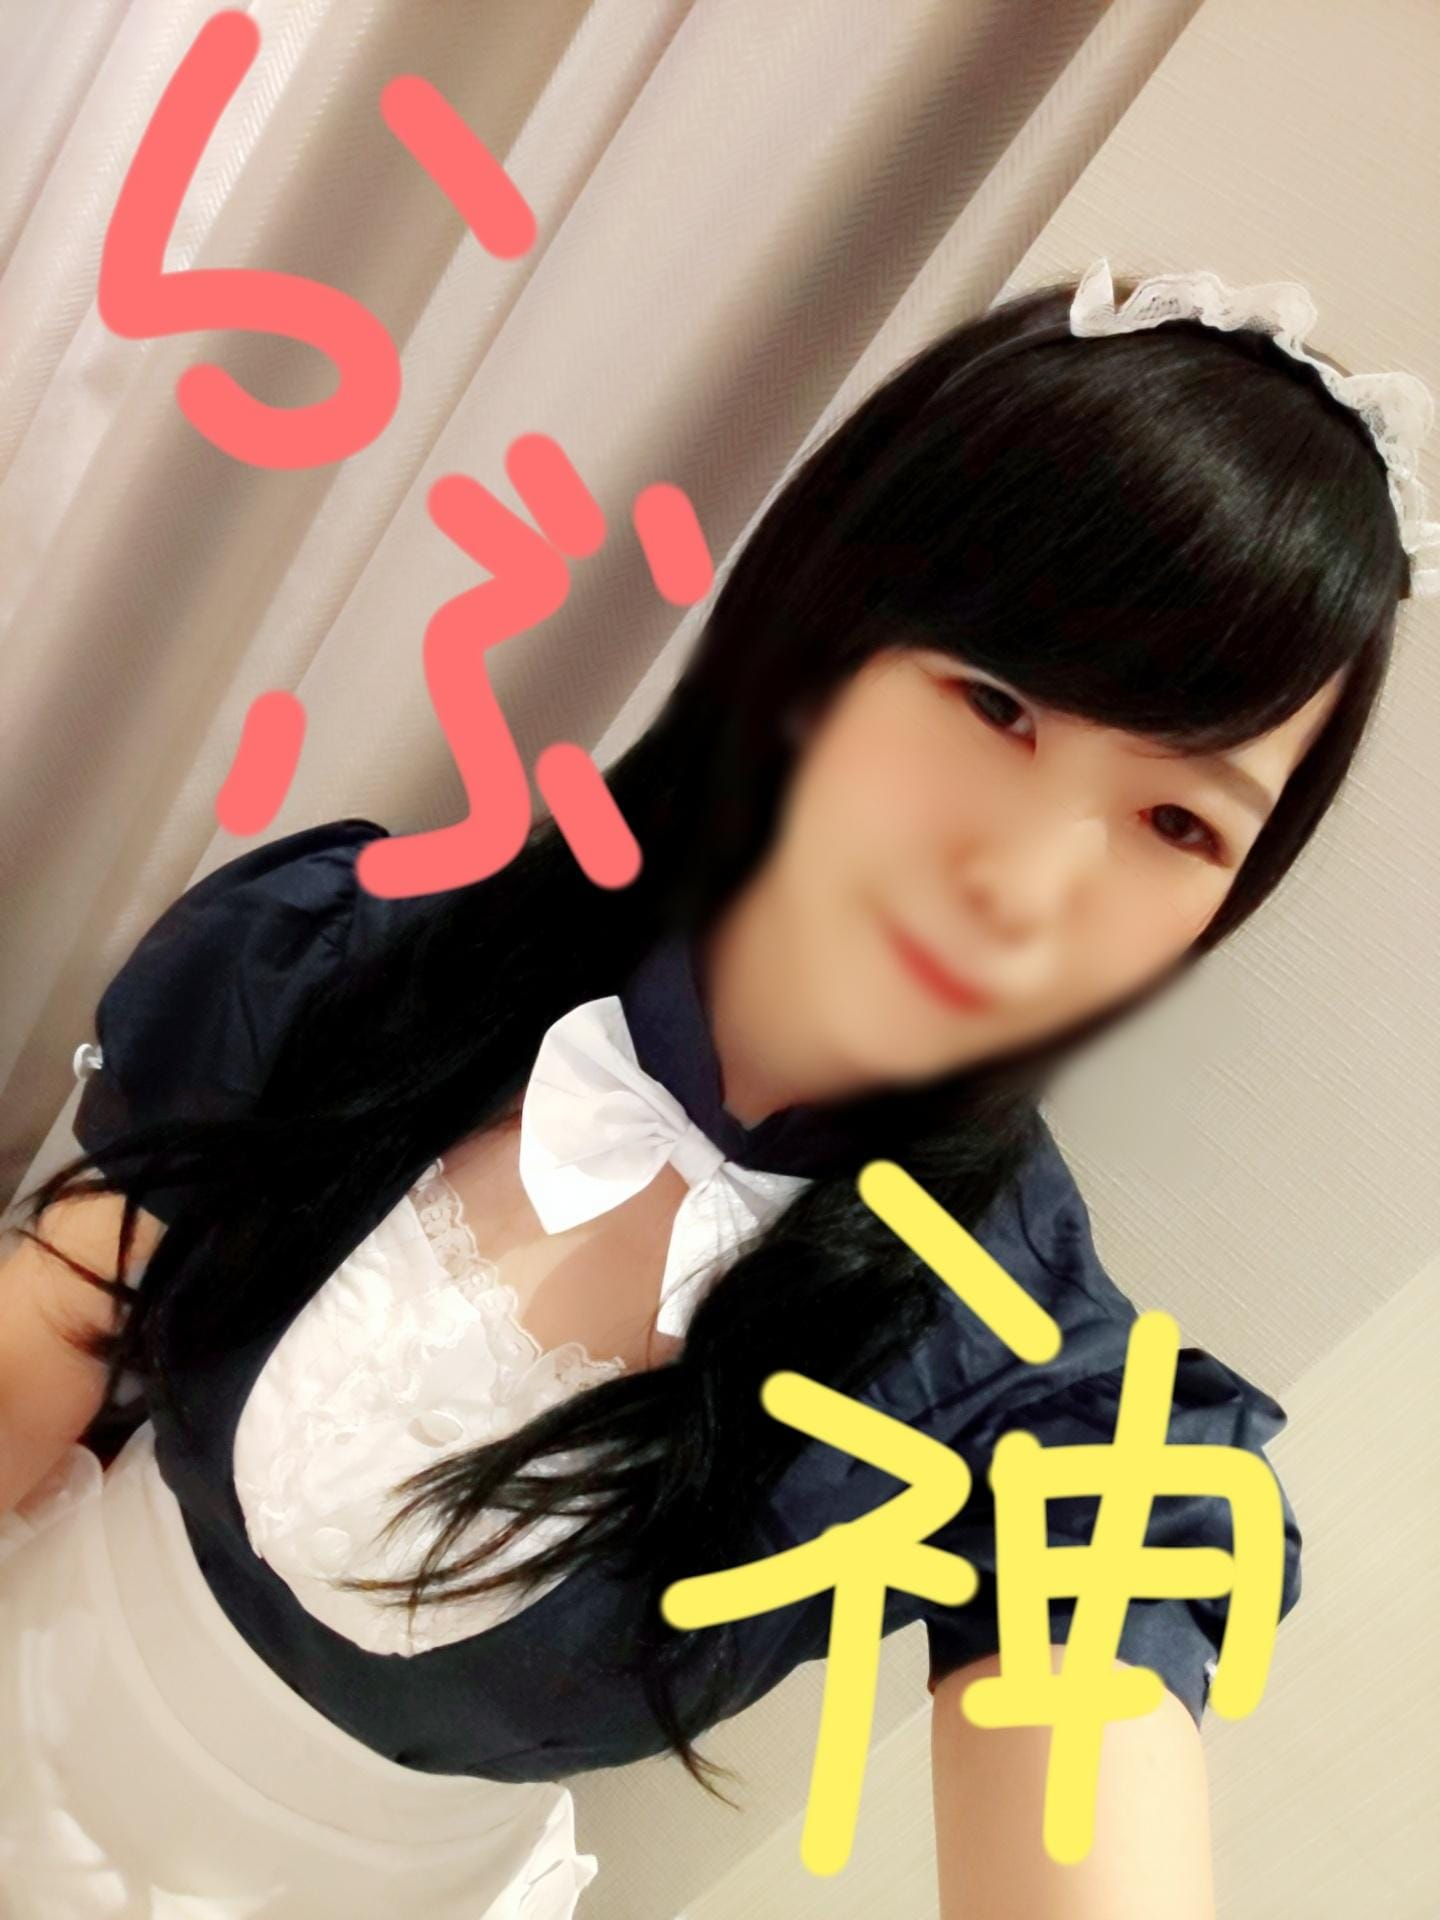 「風♡神☆Love   向かってるわよ٩(´✪ω✪`)۶」11/21(木) 20:14   らぶの写メ・風俗動画